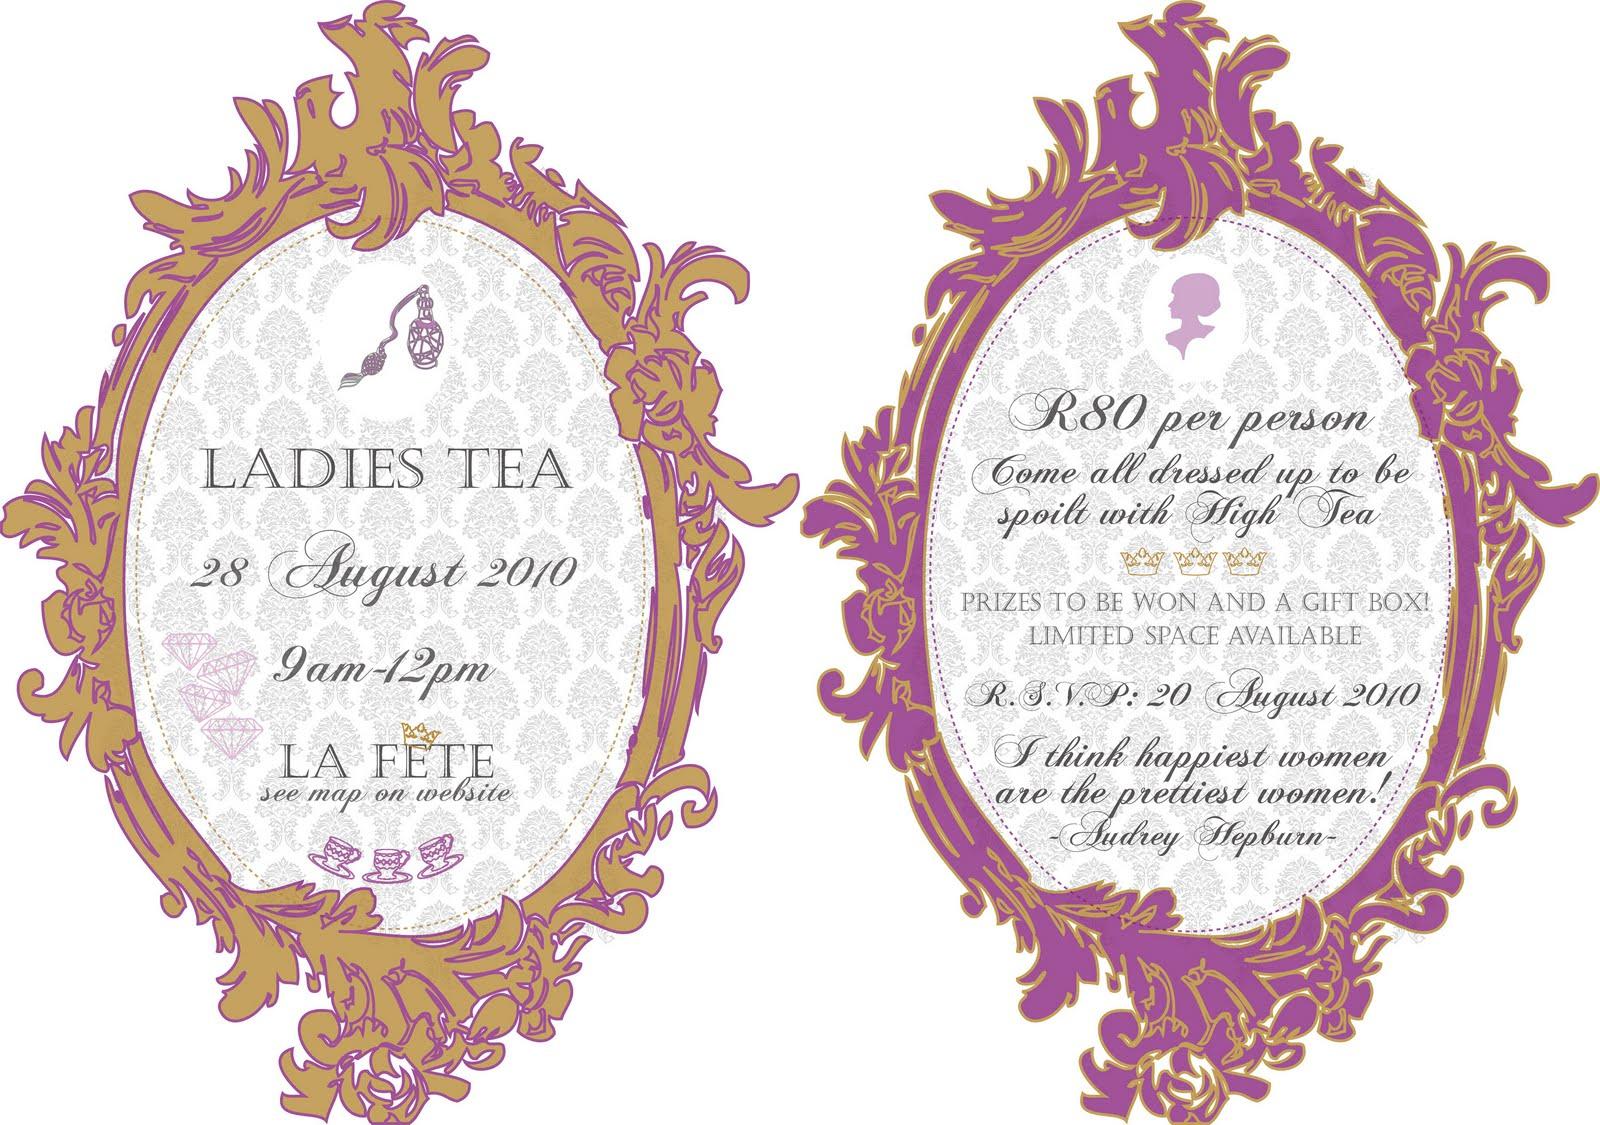 Stunning Ladies Tea Party Invitations Images - Invitation Card Ideas ...